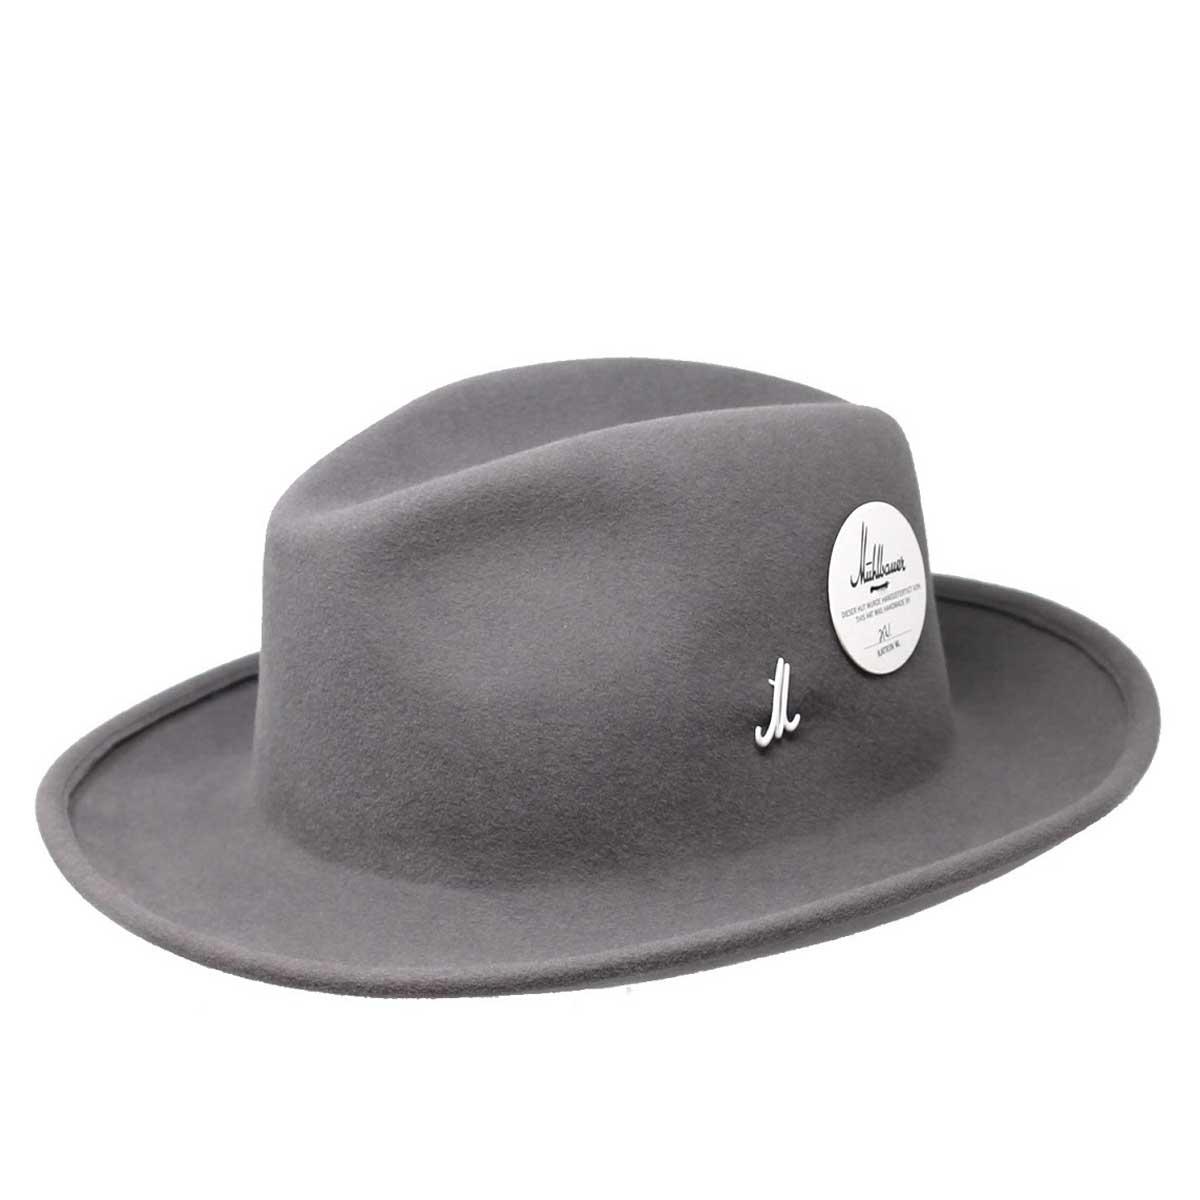 ミュールバウアー Muhlbauer UDO(elefant)REDECKER帽子ブラシ付